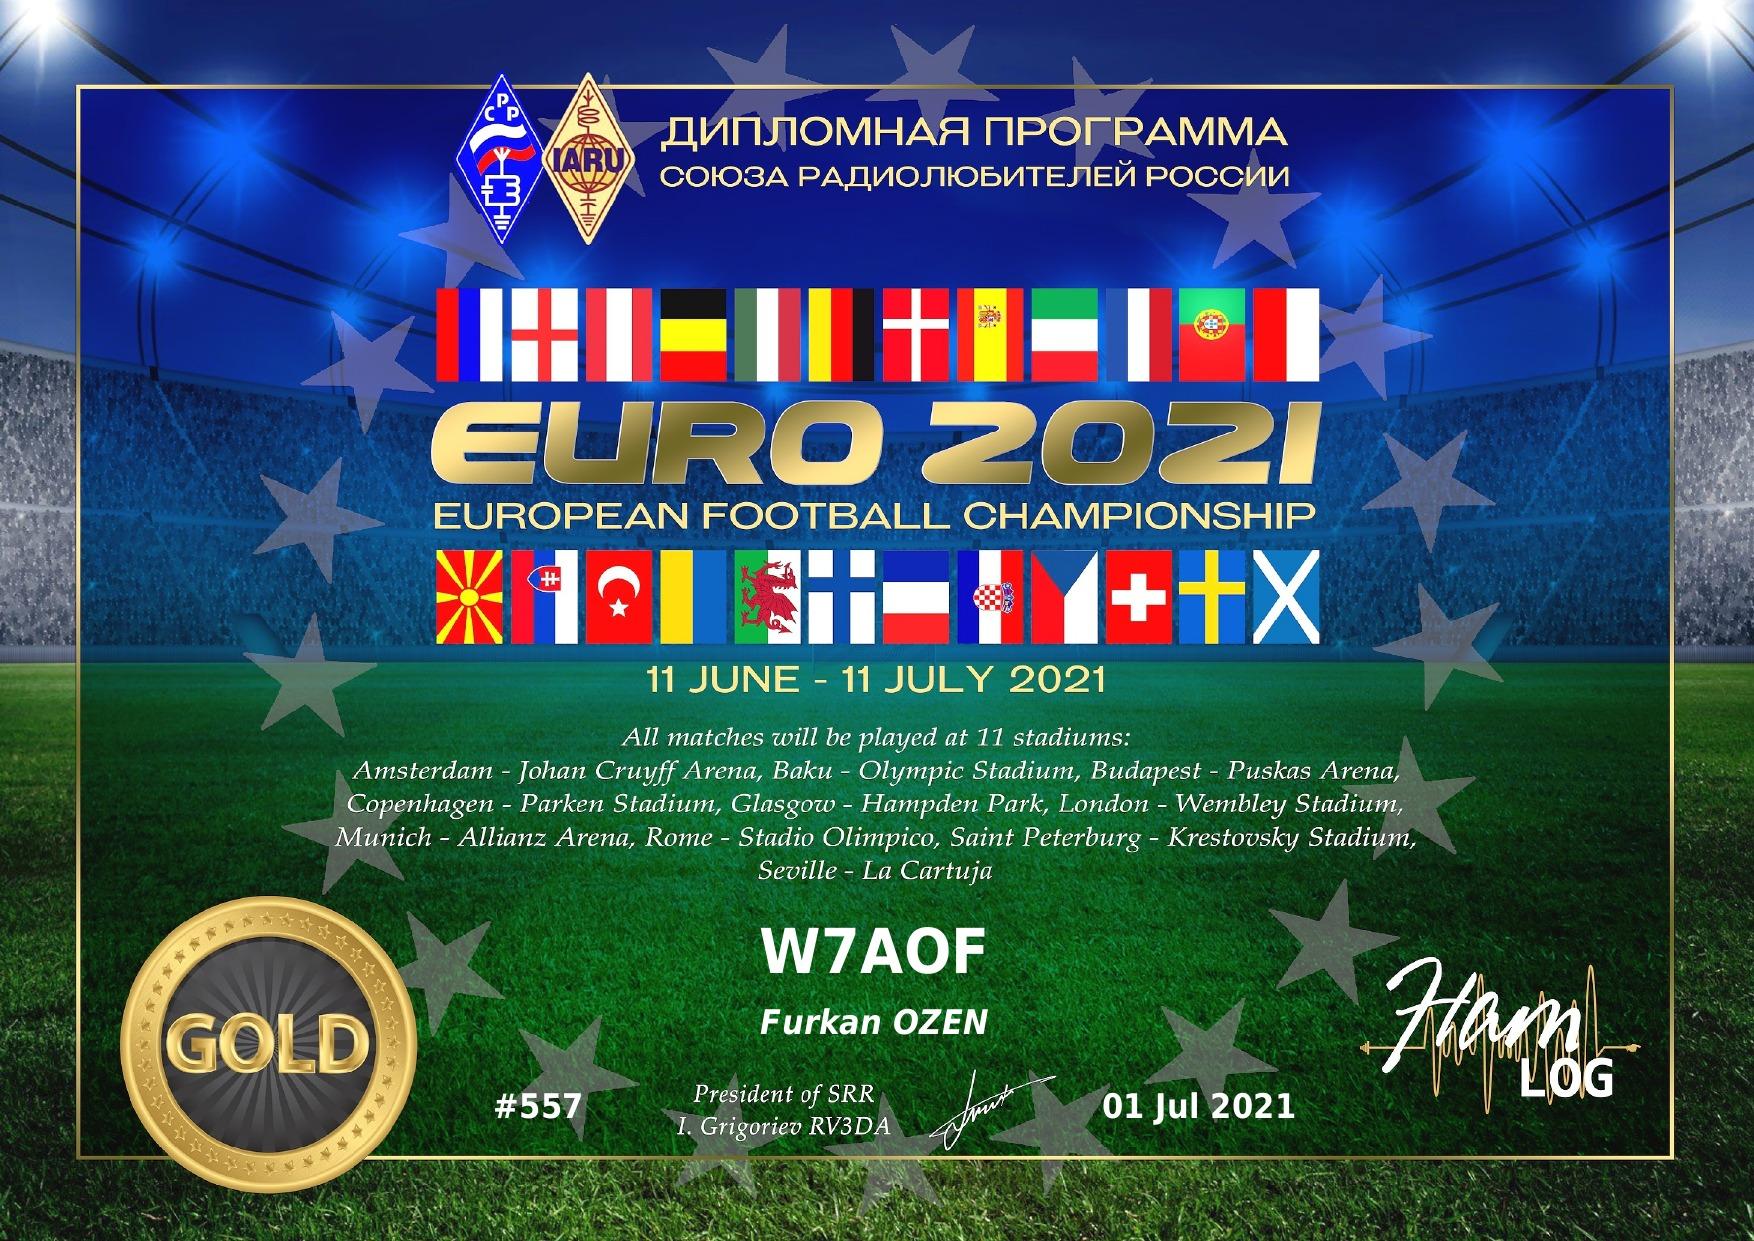 euro2021 award gold